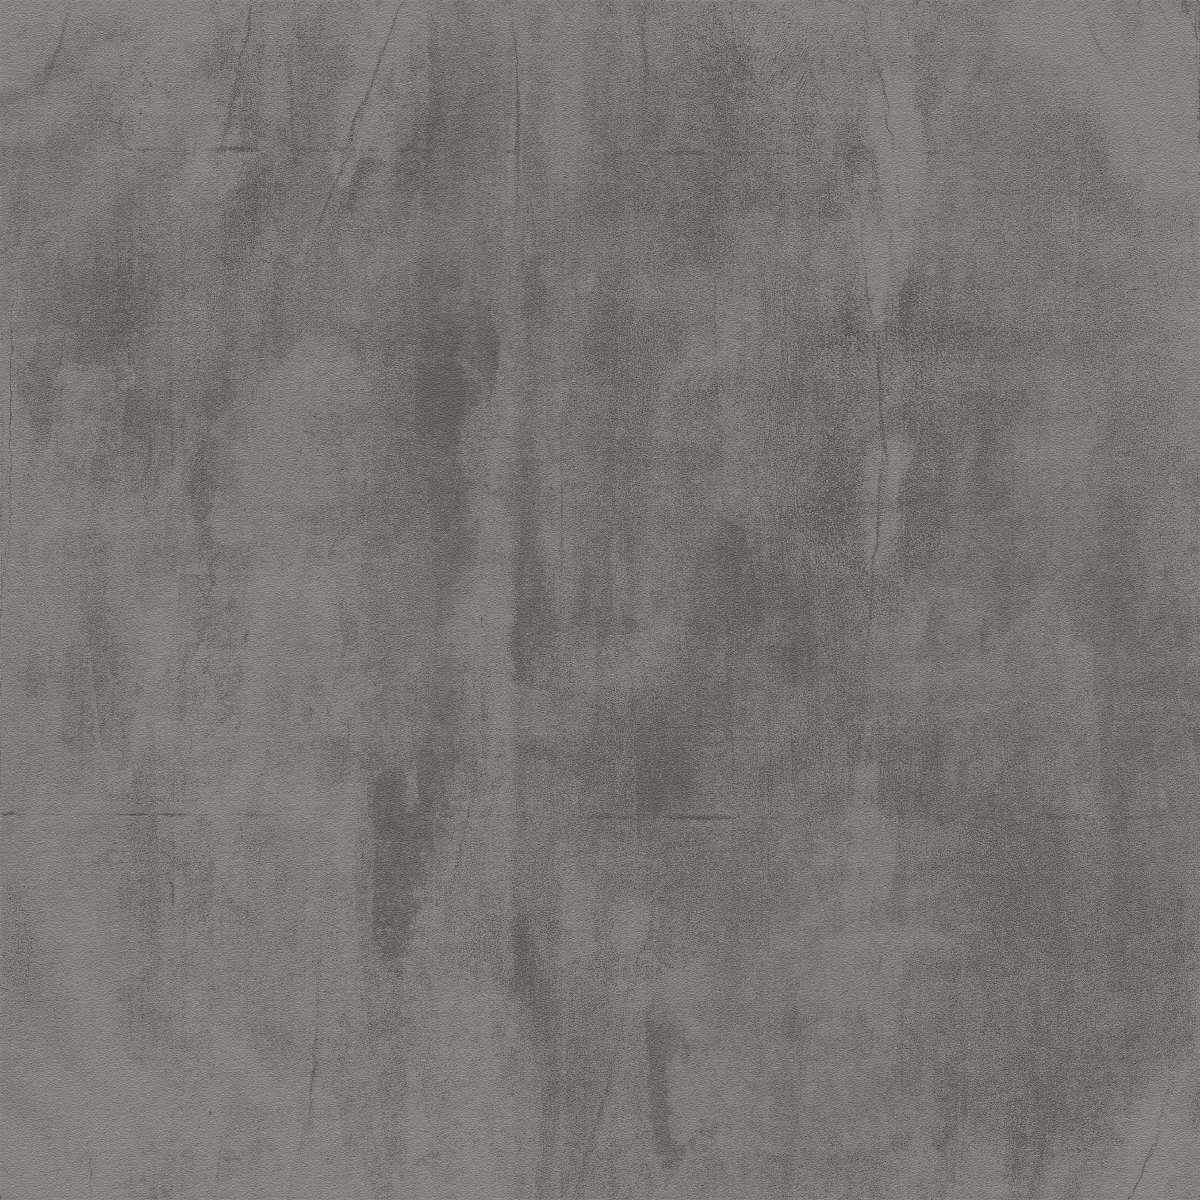 Papel De Parede Bobinex Natural 1436 Cimento Queimado Azul R$ 189 00  #696562 1200x1200 Banheiro De Cimento Queimado